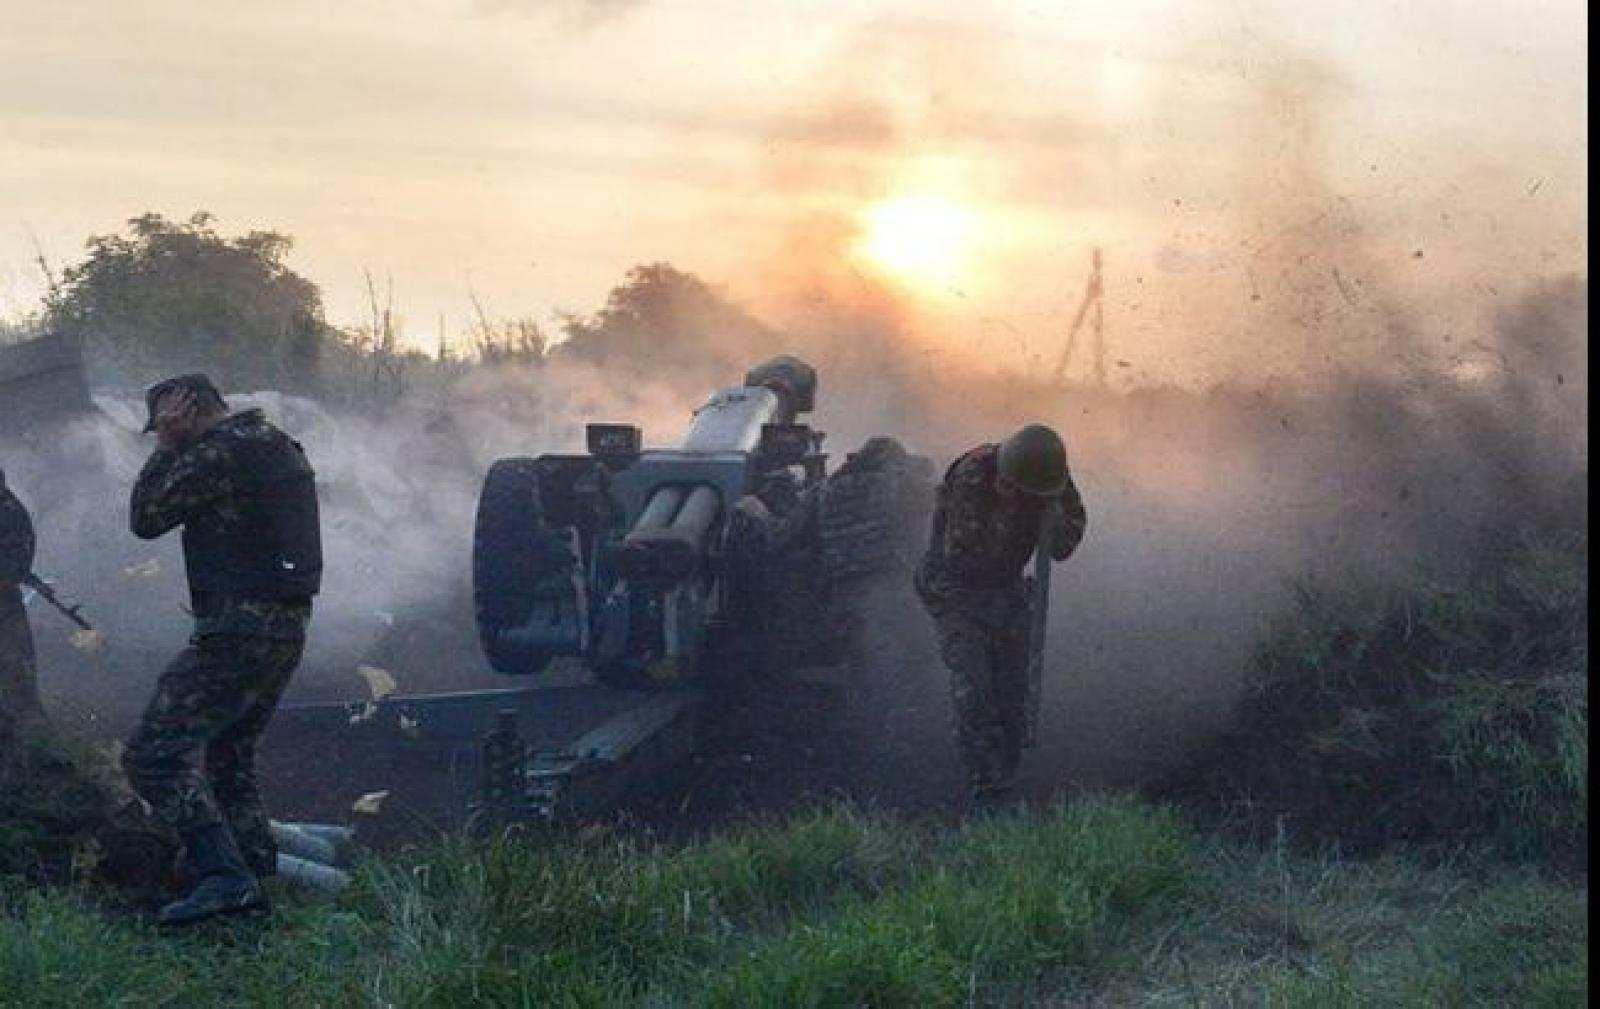 ПАСЕ впервые заявила овоенных преступлениях Украины (ВИДЕО) | Русская весна